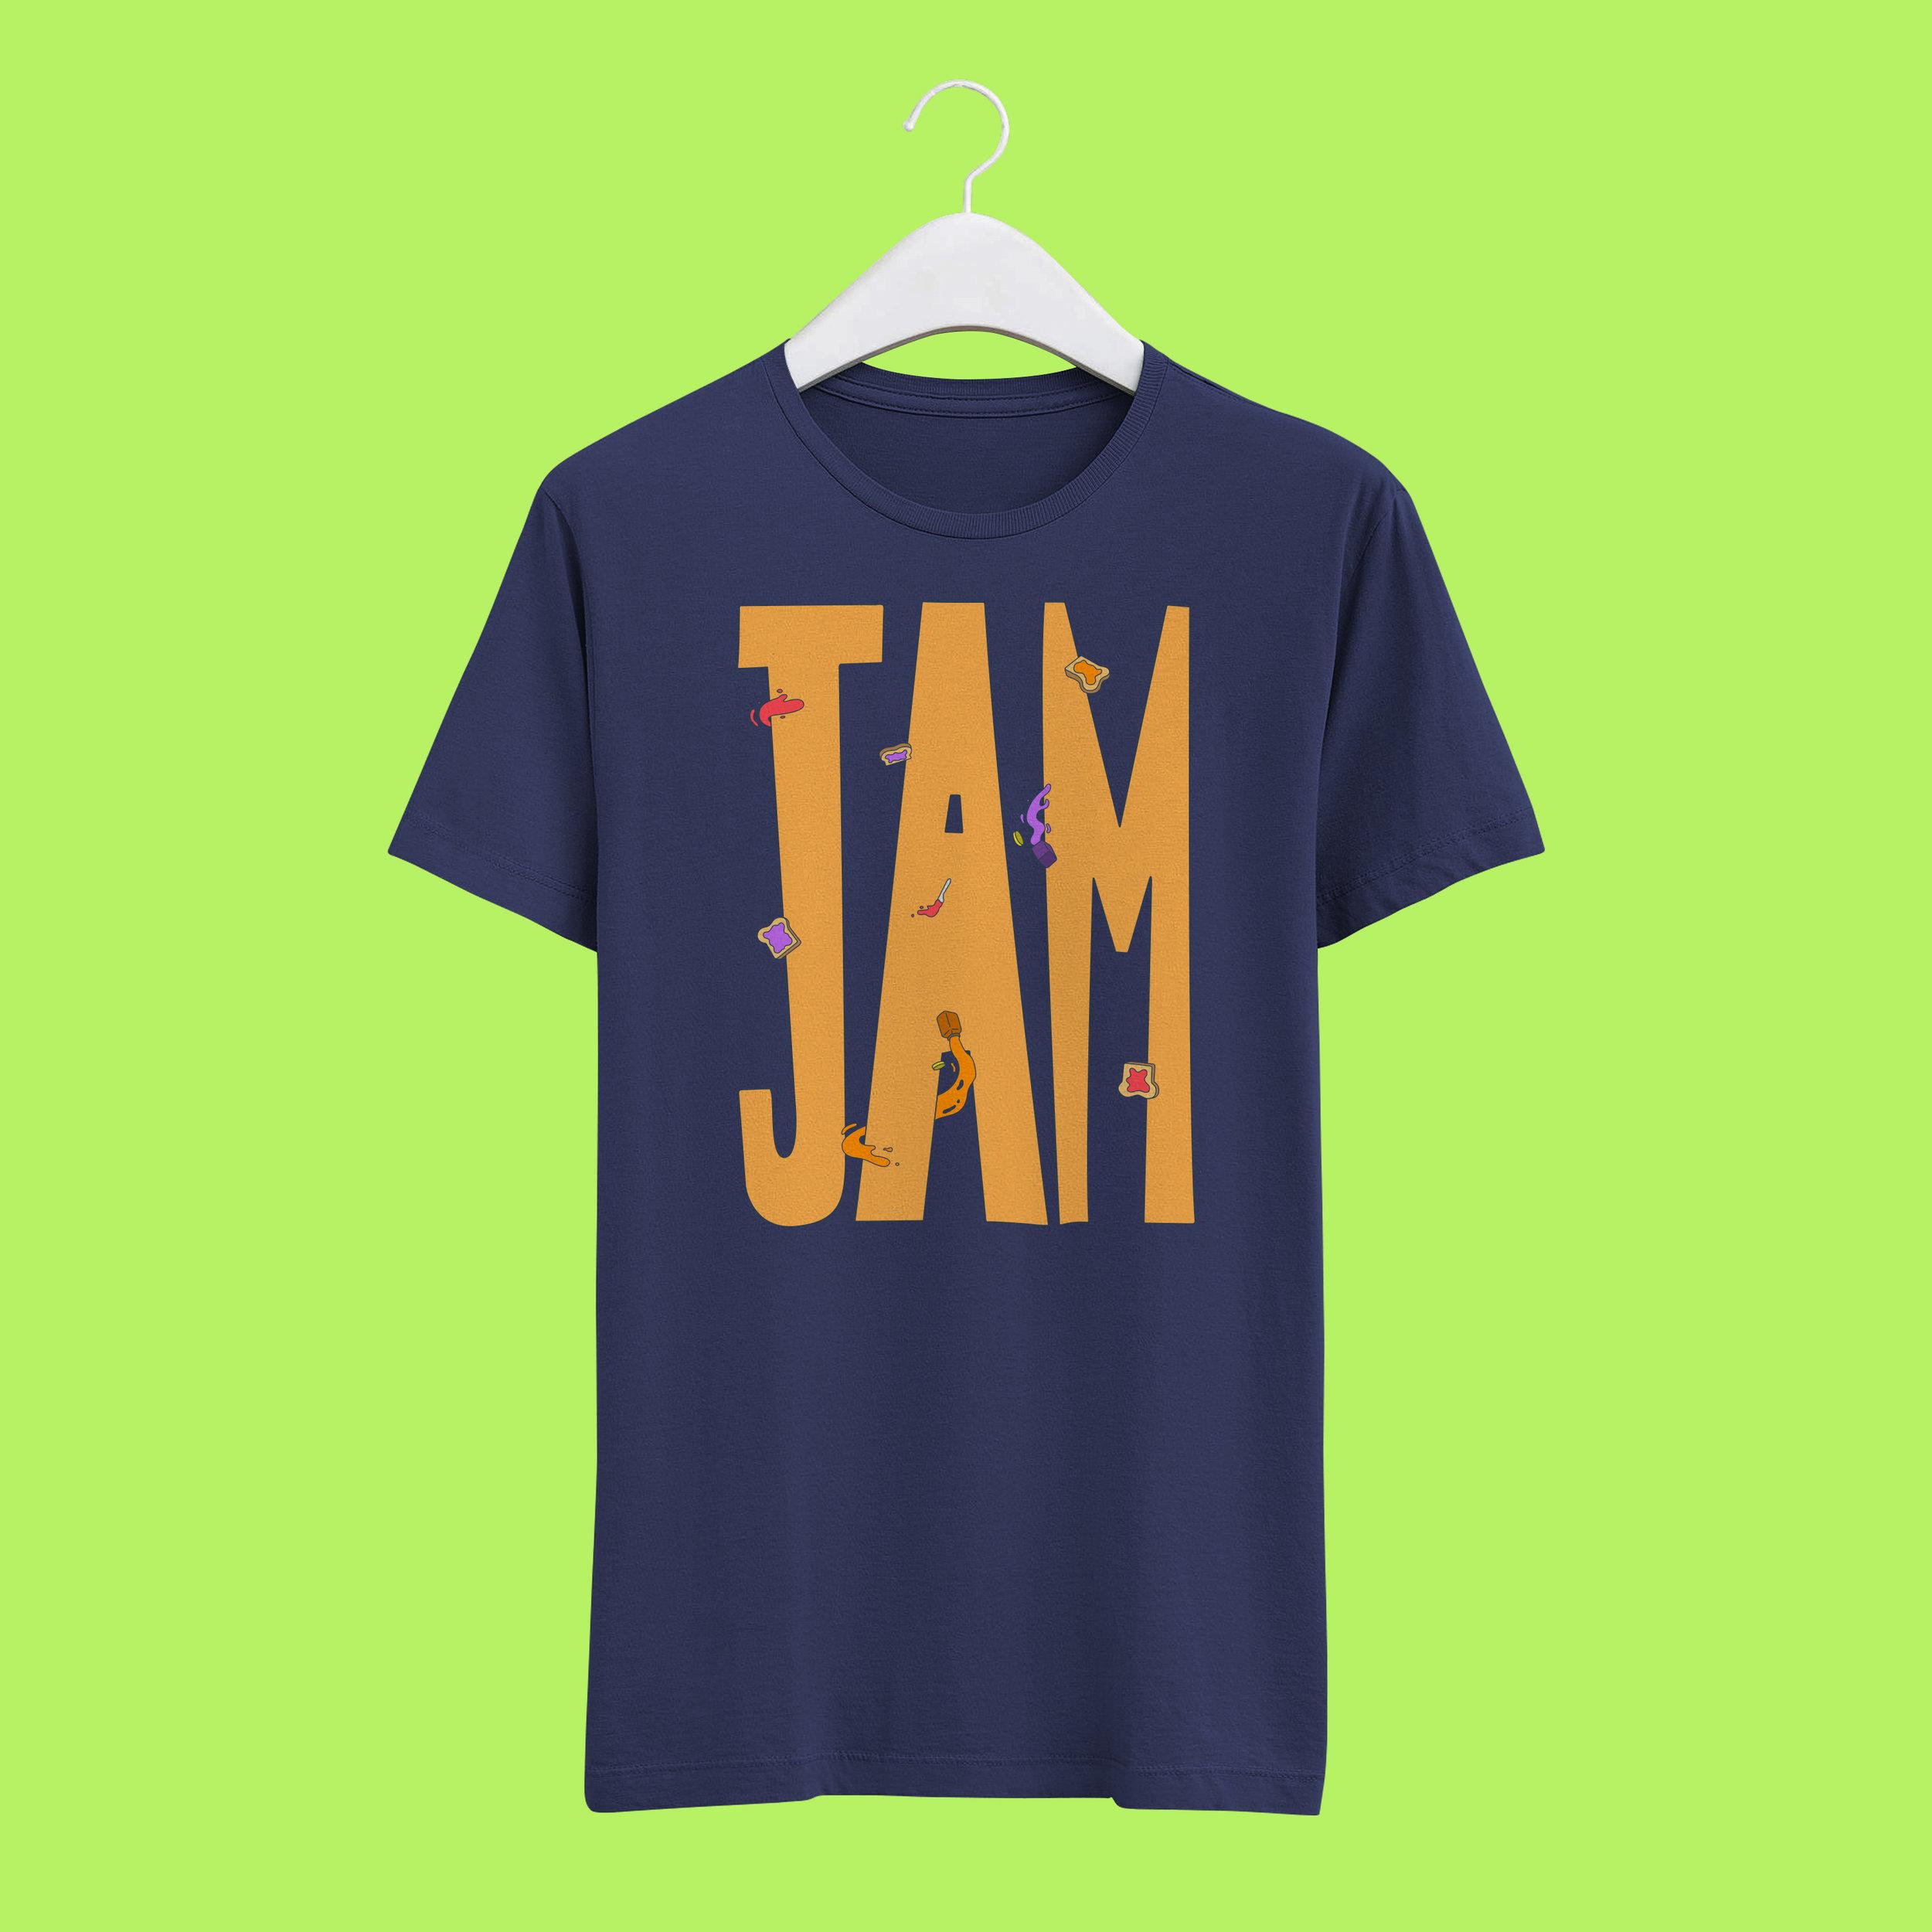 jam_shirt.jpg